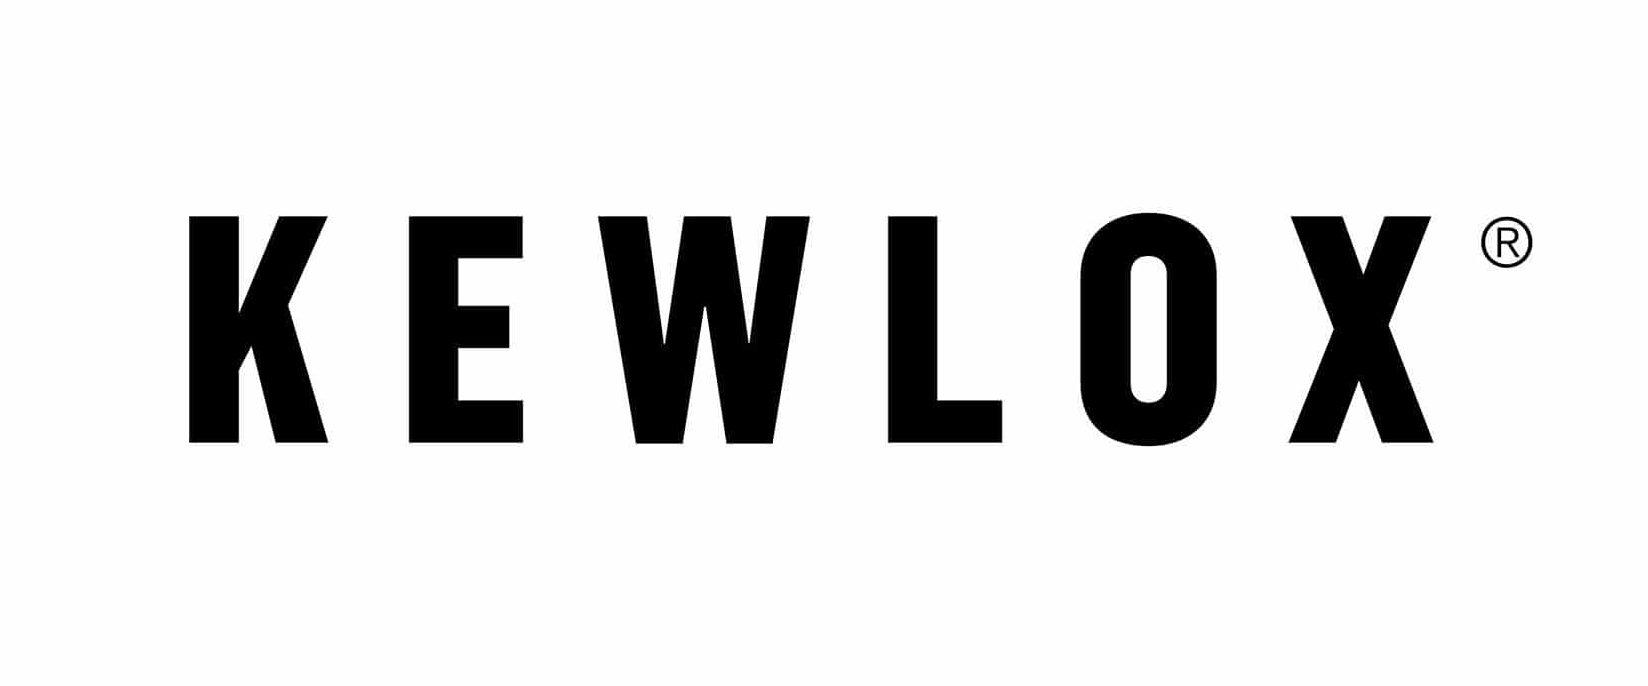 Kewlox logo